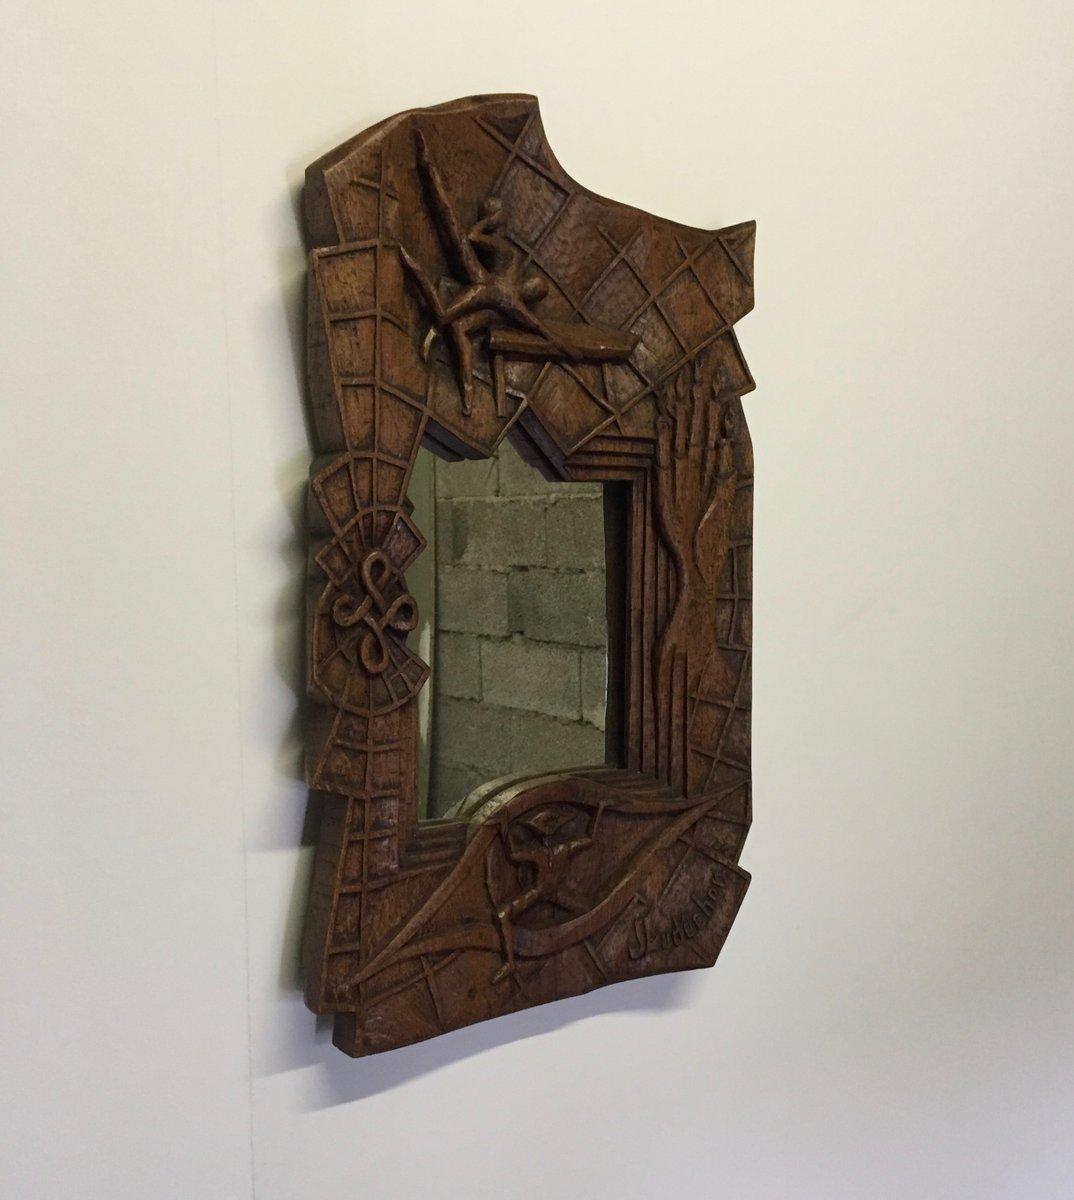 Franz sischer spiegel aus holz mit schnitzereien von johnny ludecher 1960er bei pamono kaufen - Spiegel aus holz ...